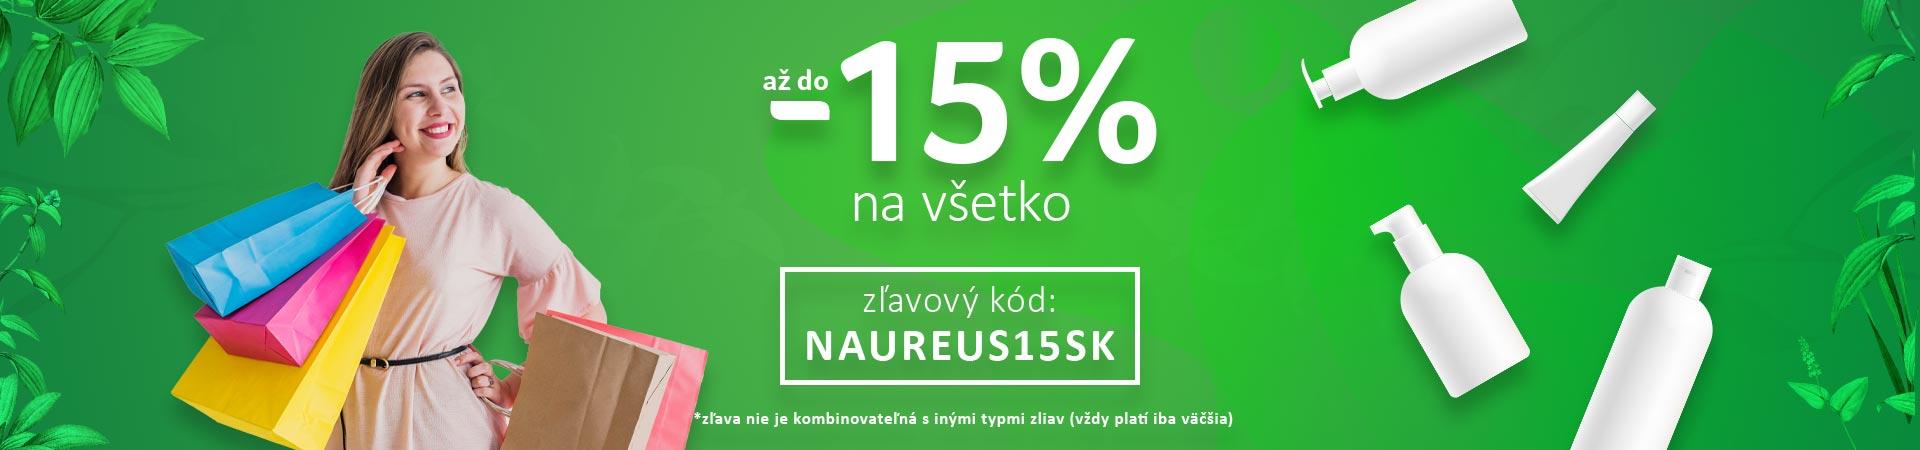 15% zľava na všetko